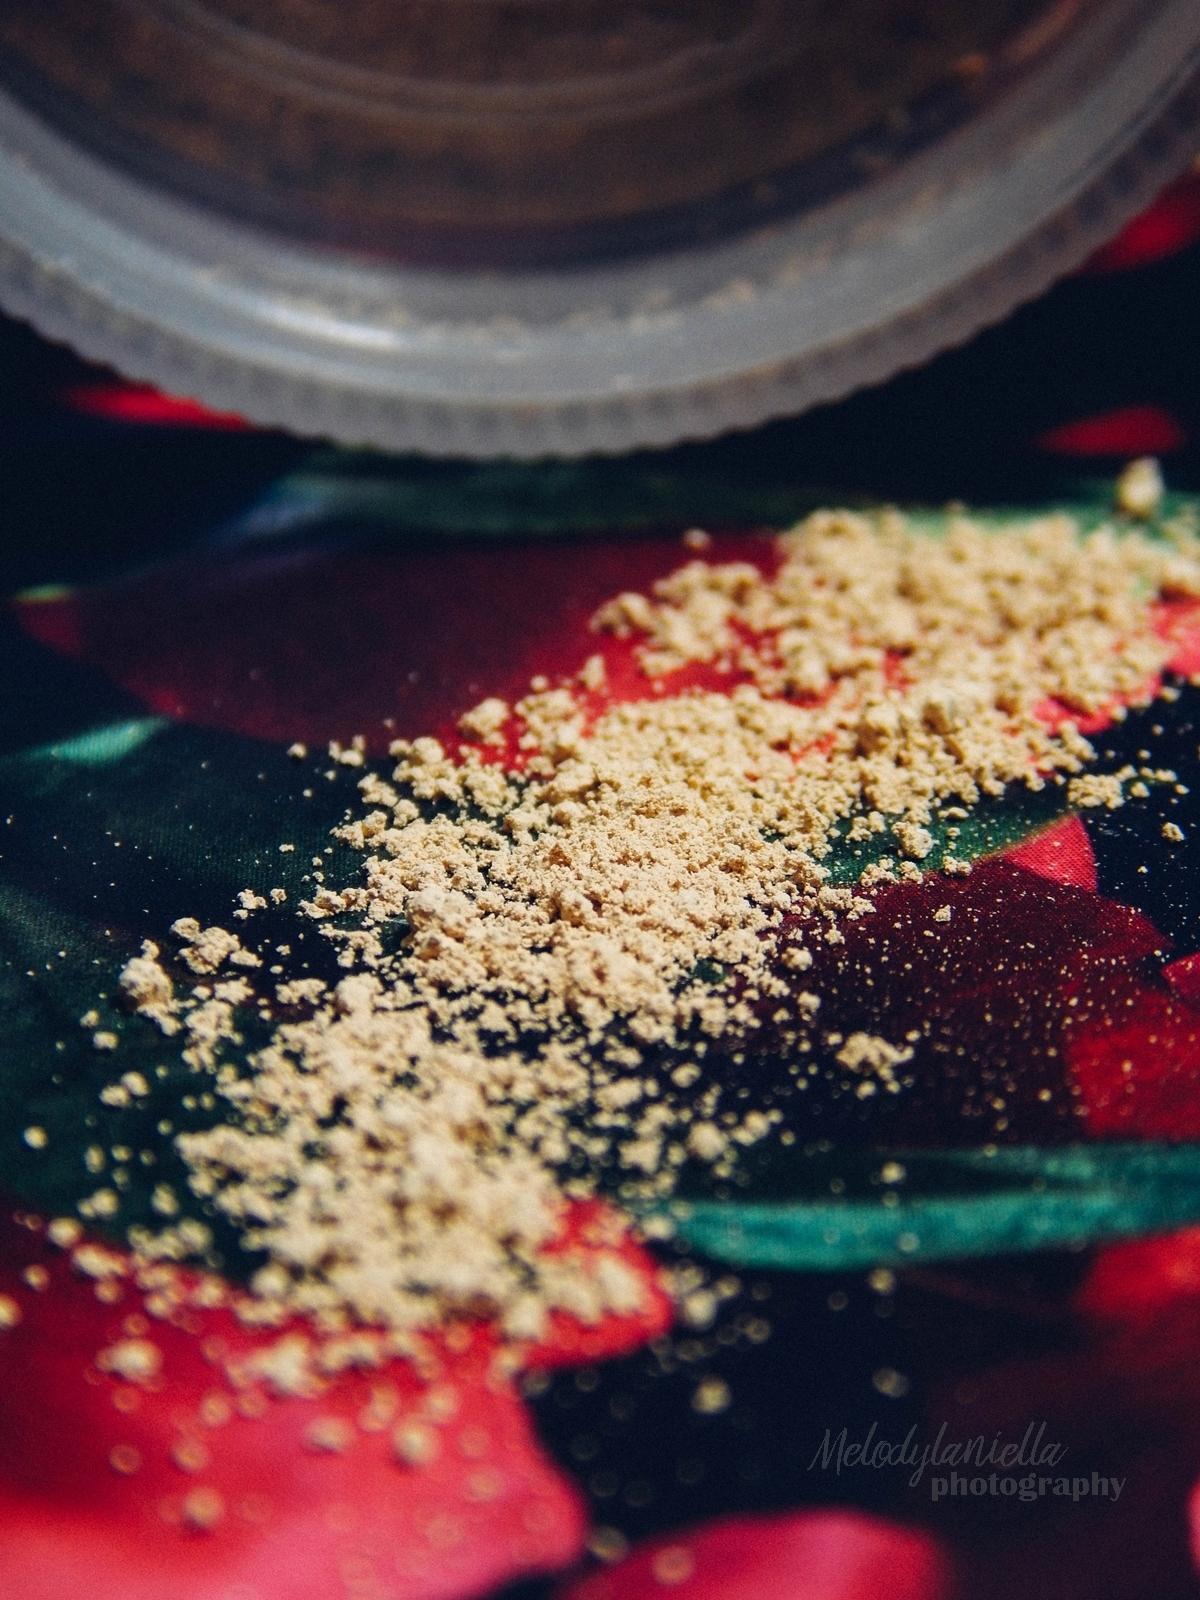 annabelle minerals kosmetyki mineralne zestaw matujący korektor podkład róż gratis pędzel jak używać kosmetyków mineralnych recenzja melodylaniella roz prezent